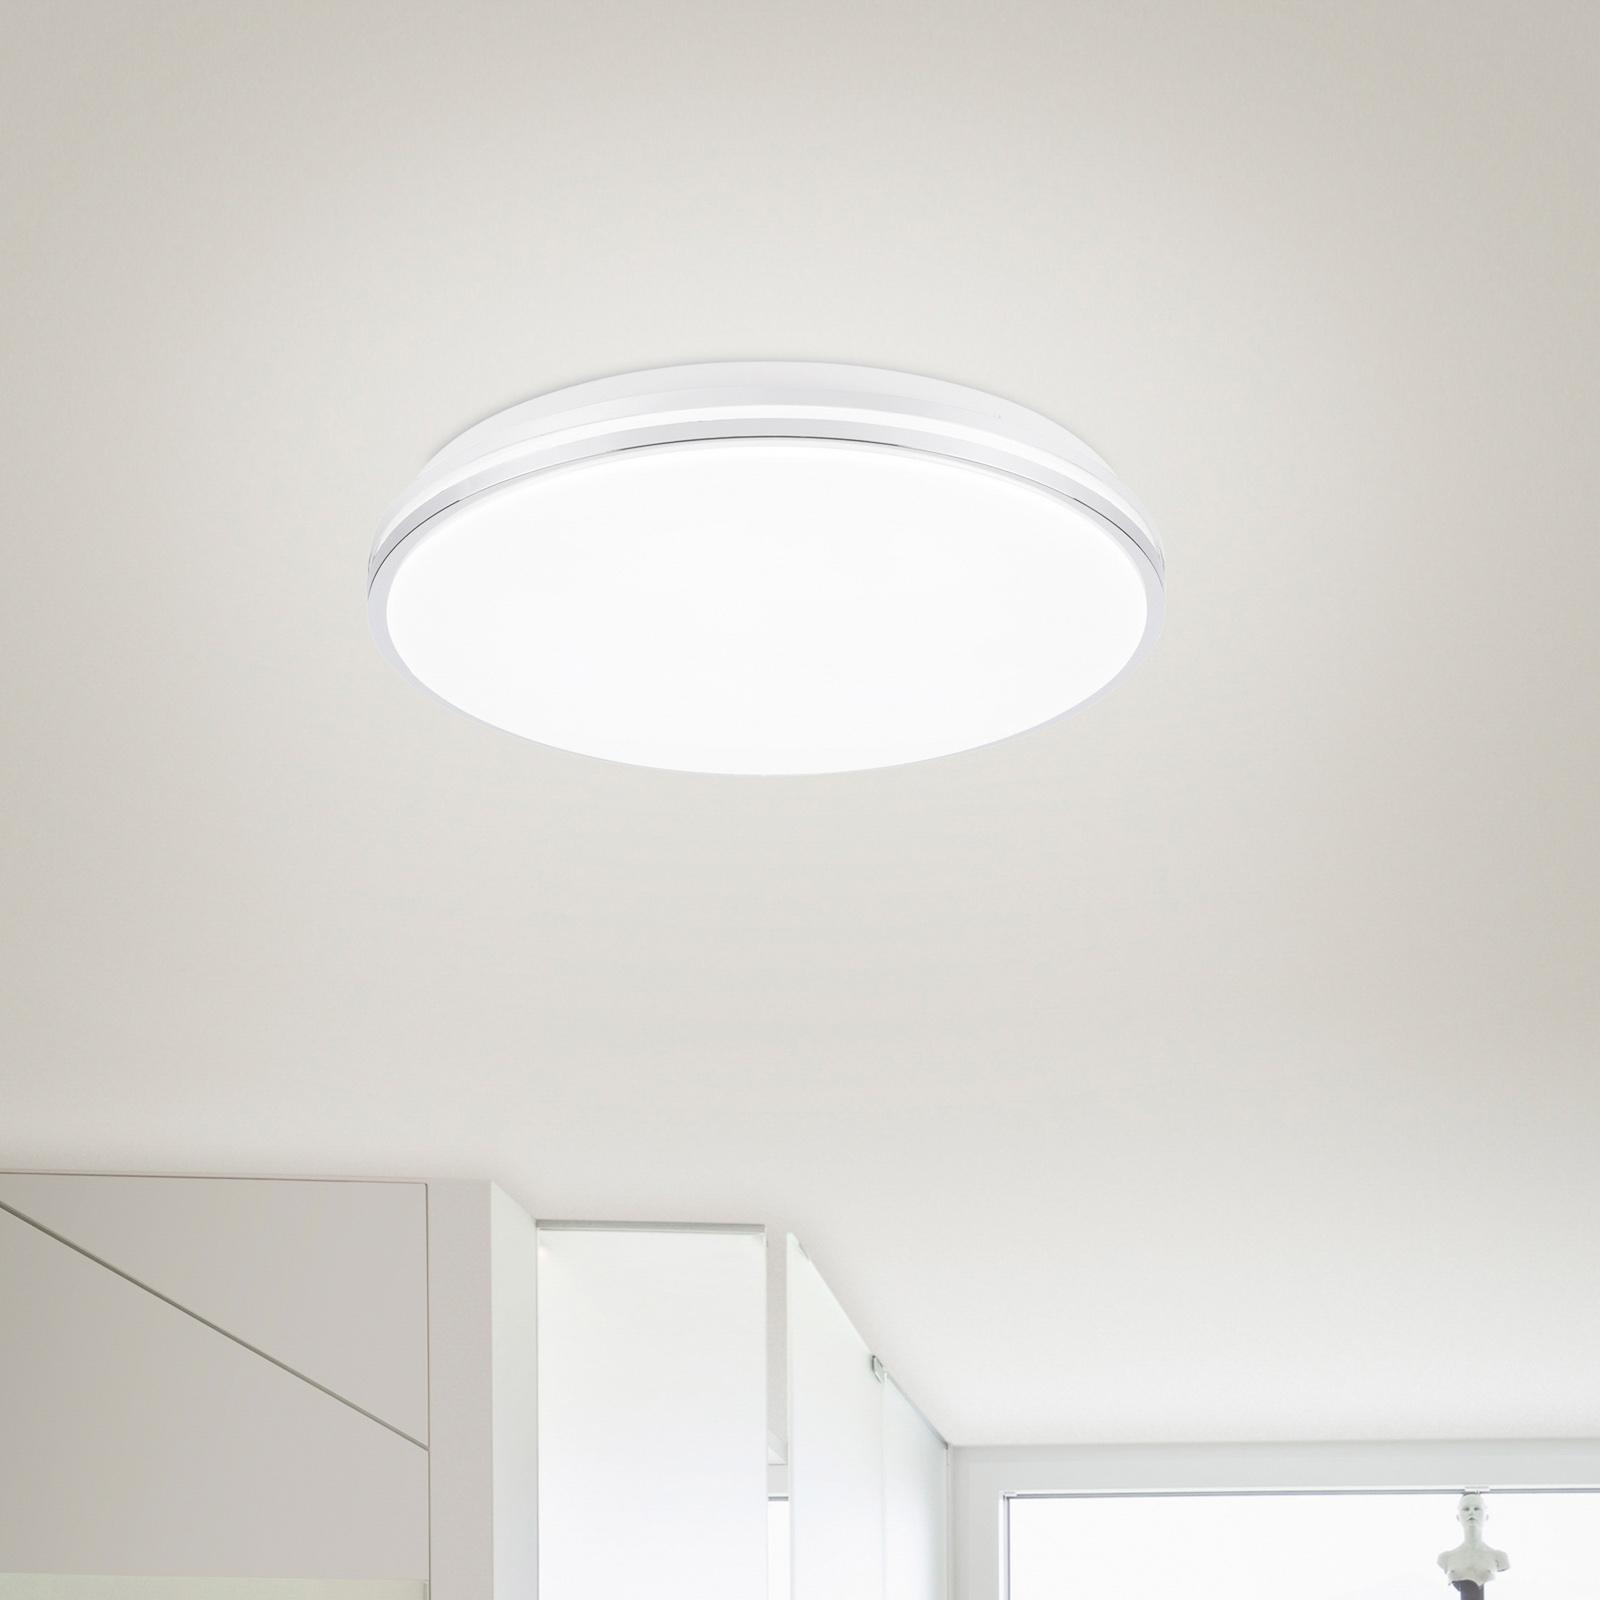 Paul Neuhaus Q-BENNO LED plafondlamp